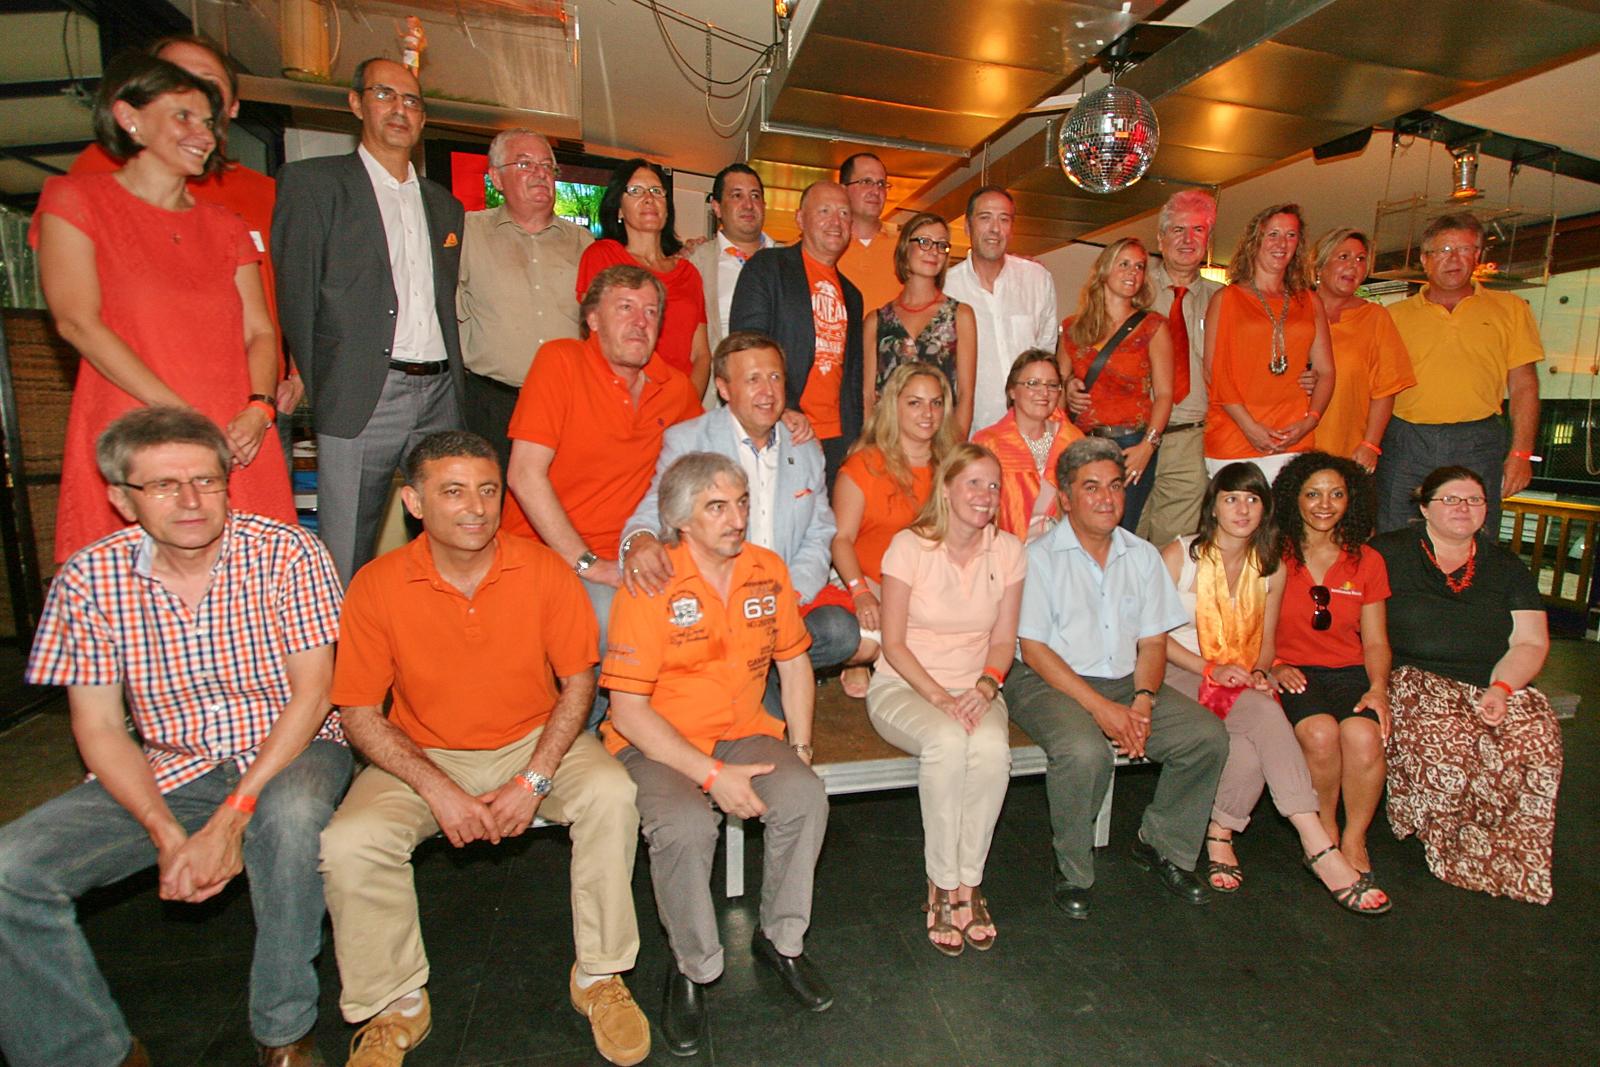 Corps Touristique Austria - Sommerlounge 2012